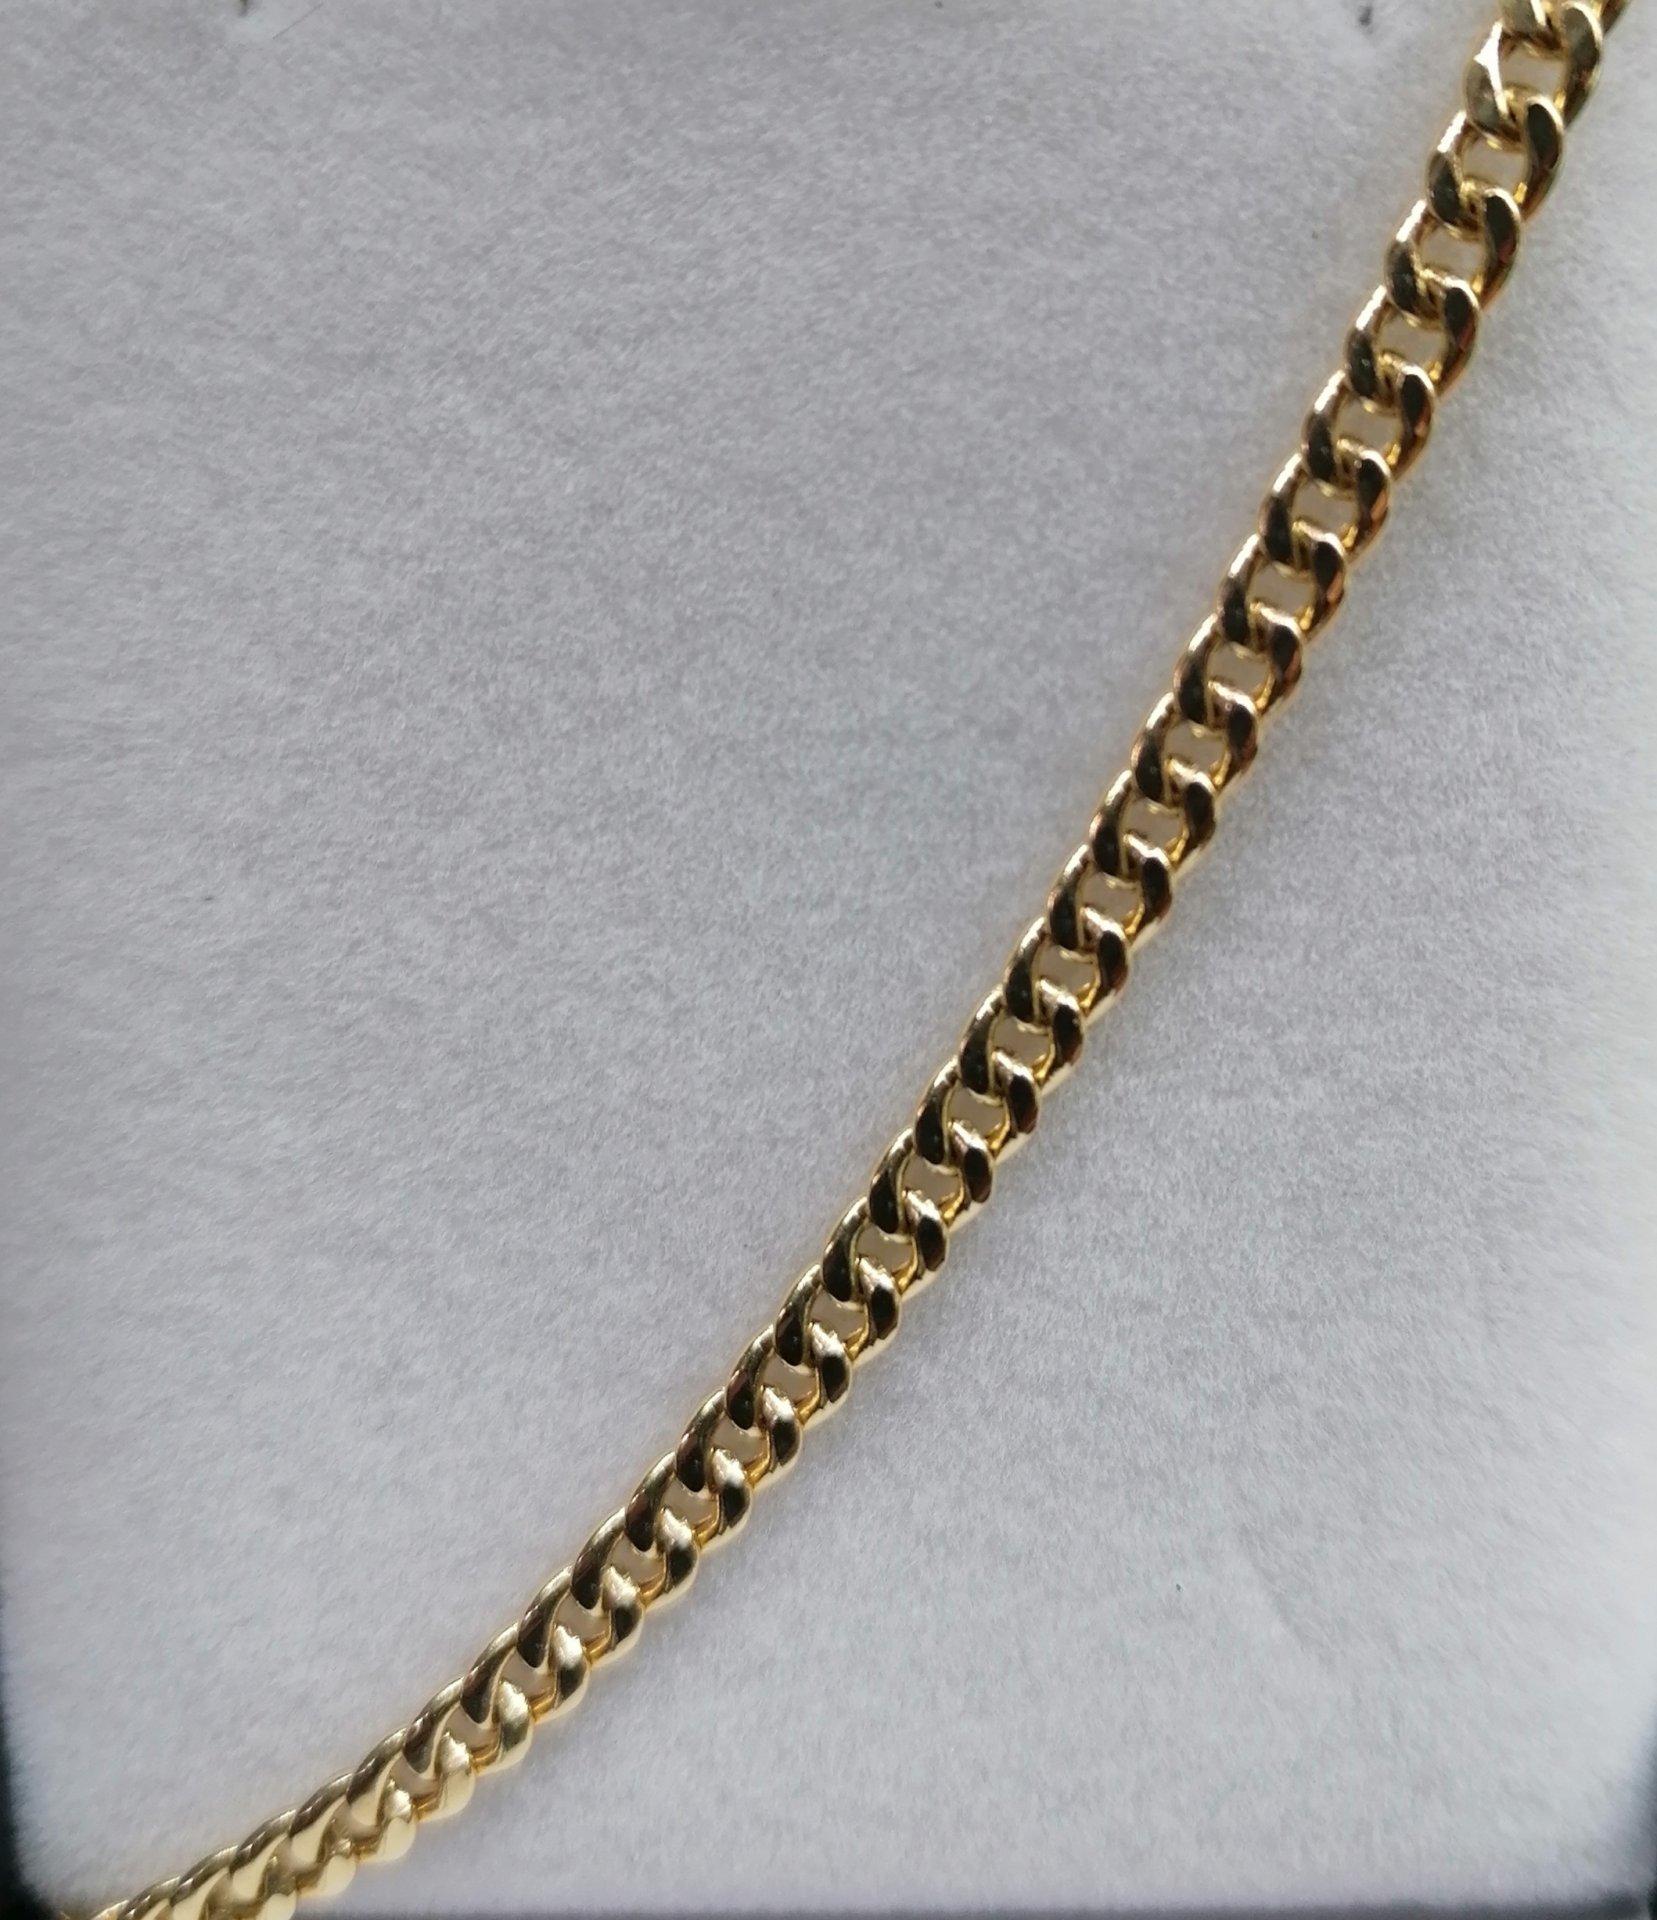 Cadena de oro 18k para mujer barbada